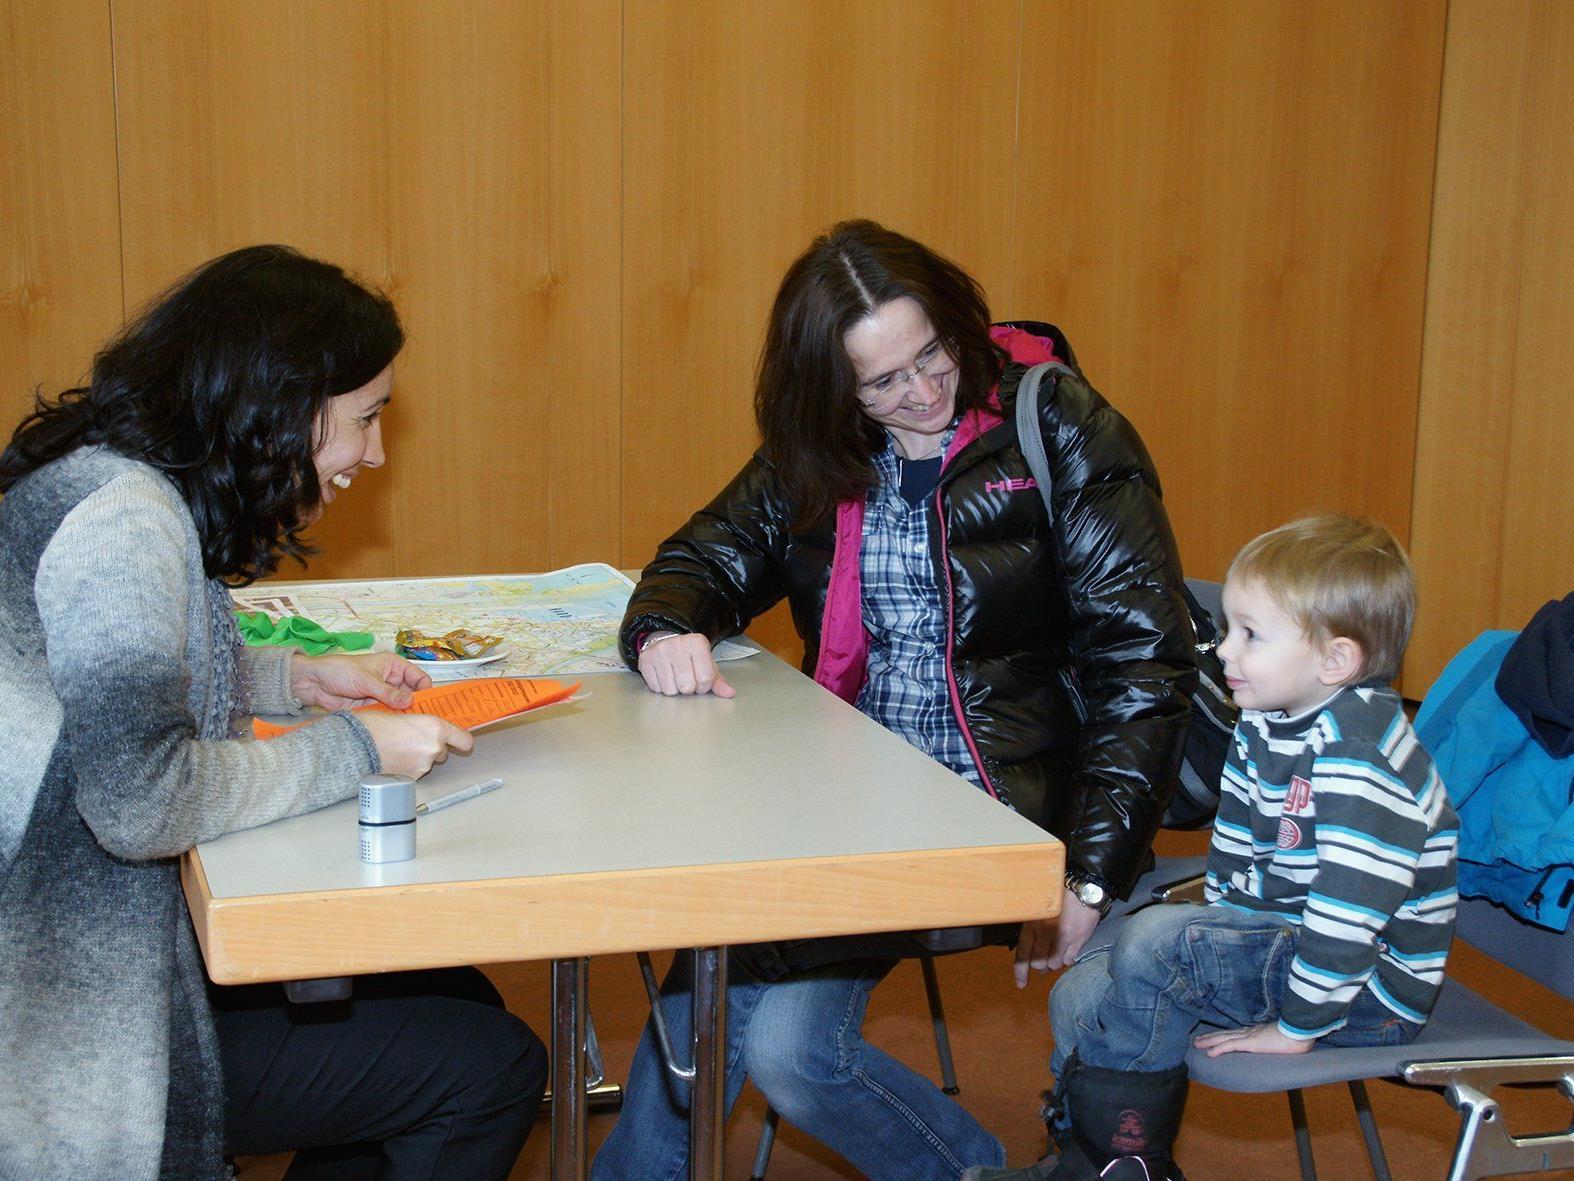 Bald startet die Kindergartenanmeldung (18. März), am 11. März gibt es den Infotag dazu.